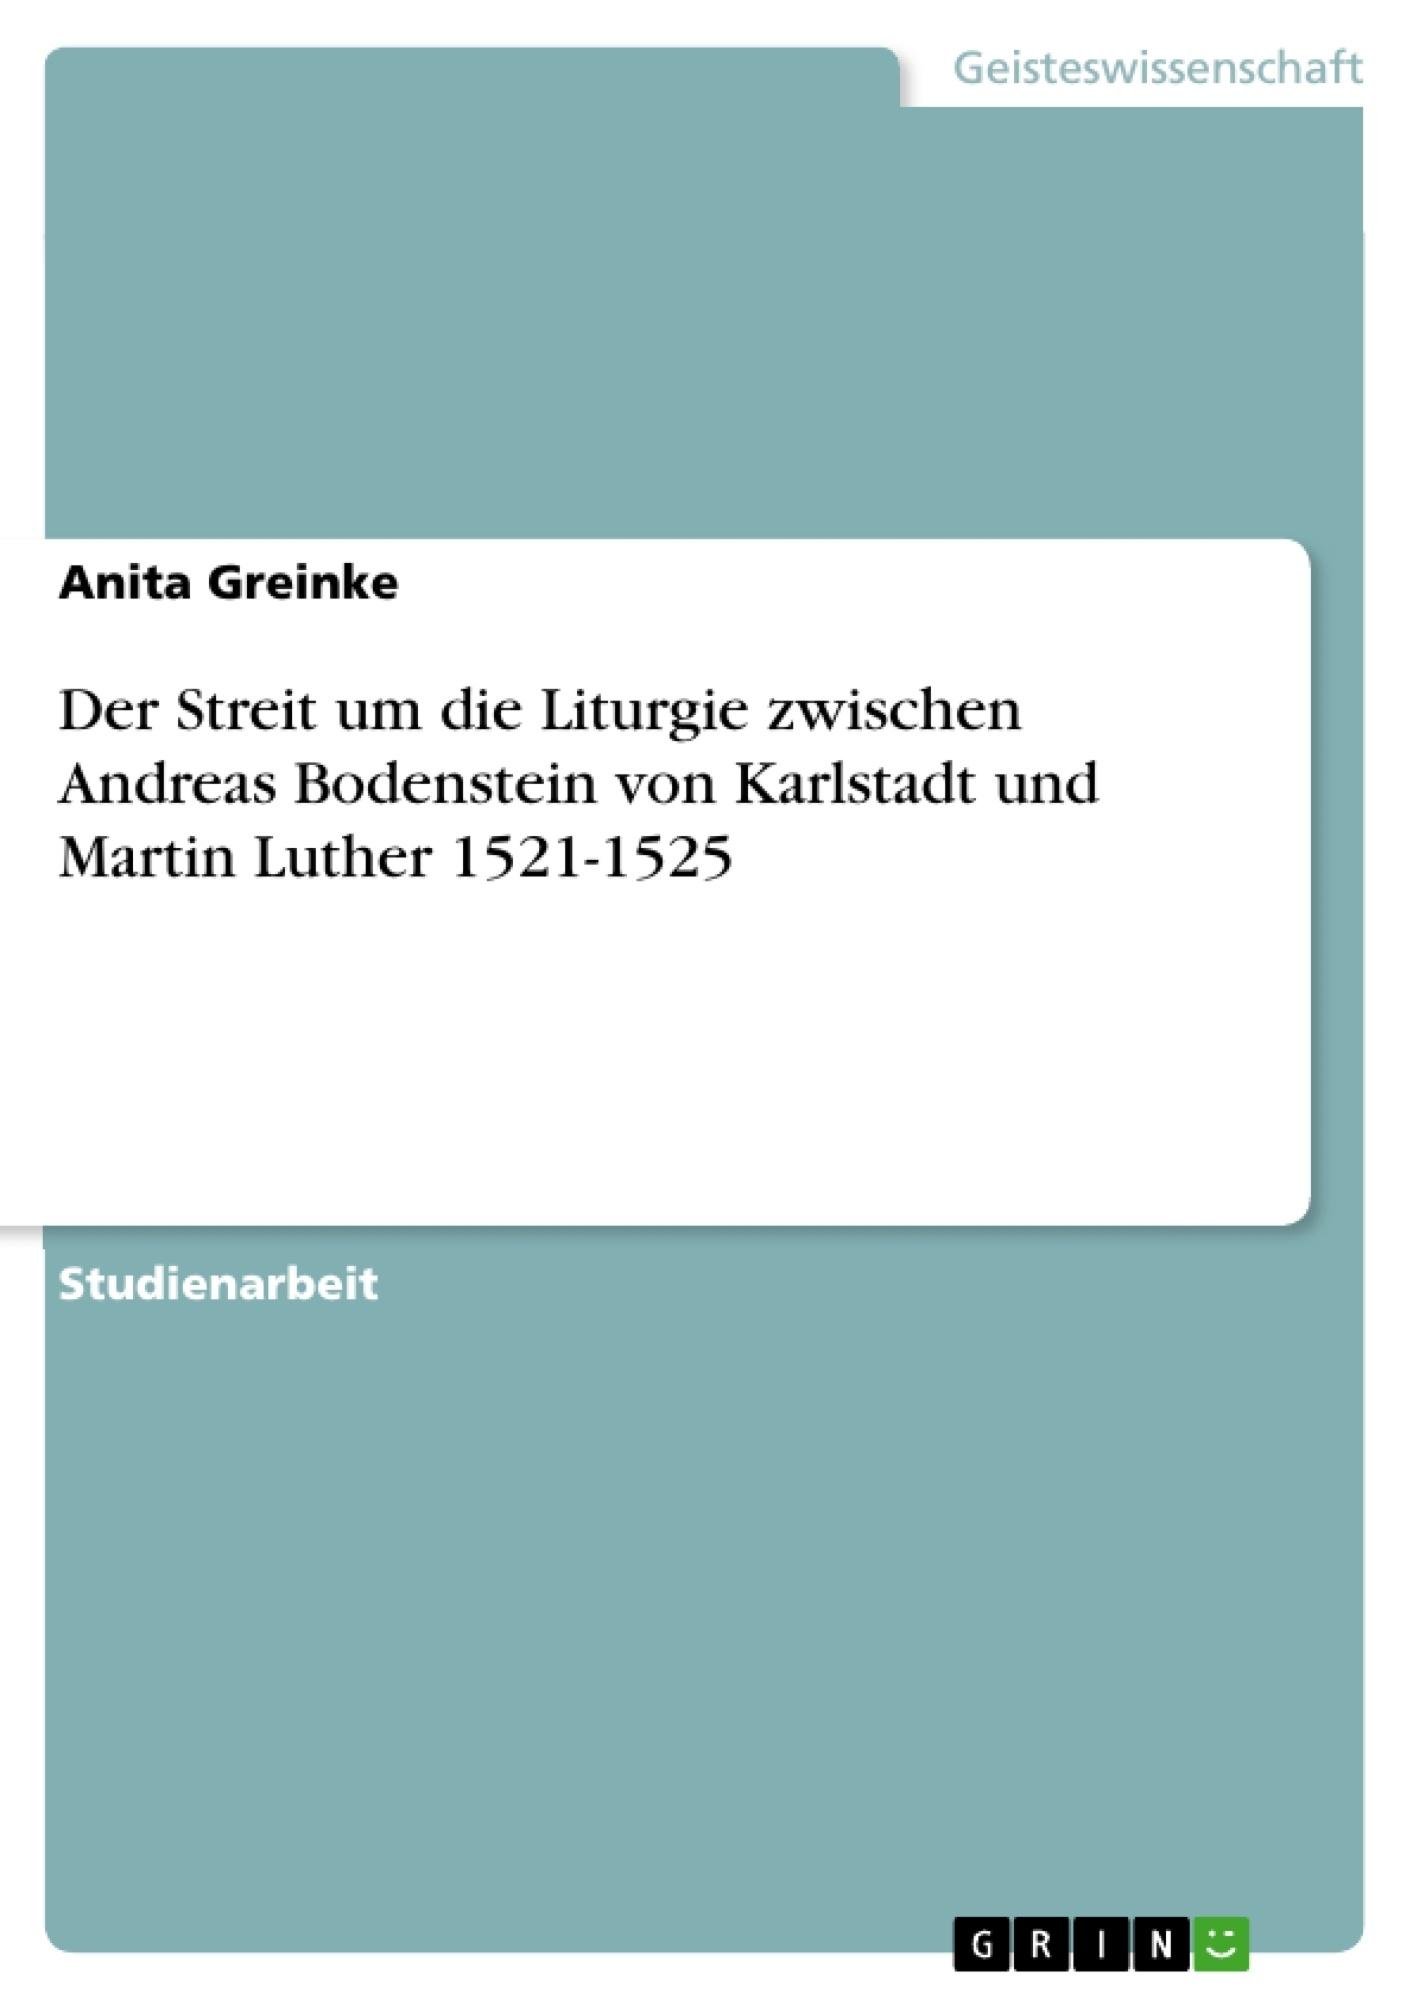 Titel: Der Streit um die Liturgie zwischen Andreas Bodenstein von Karlstadt und Martin Luther 1521-1525